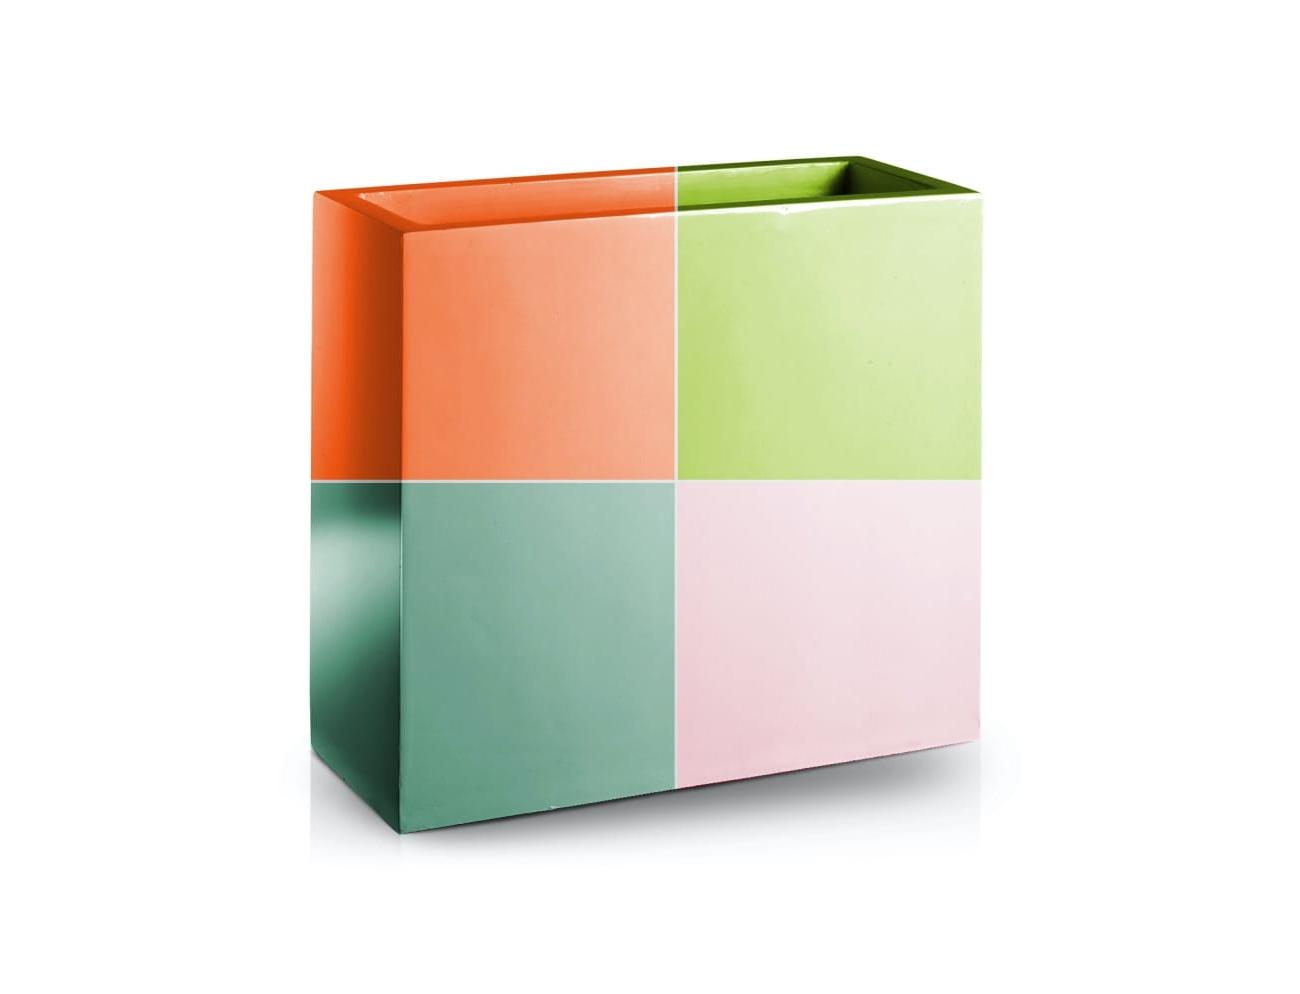 Donica Fiberglass 55x28x76 cm kolor na zamówienie